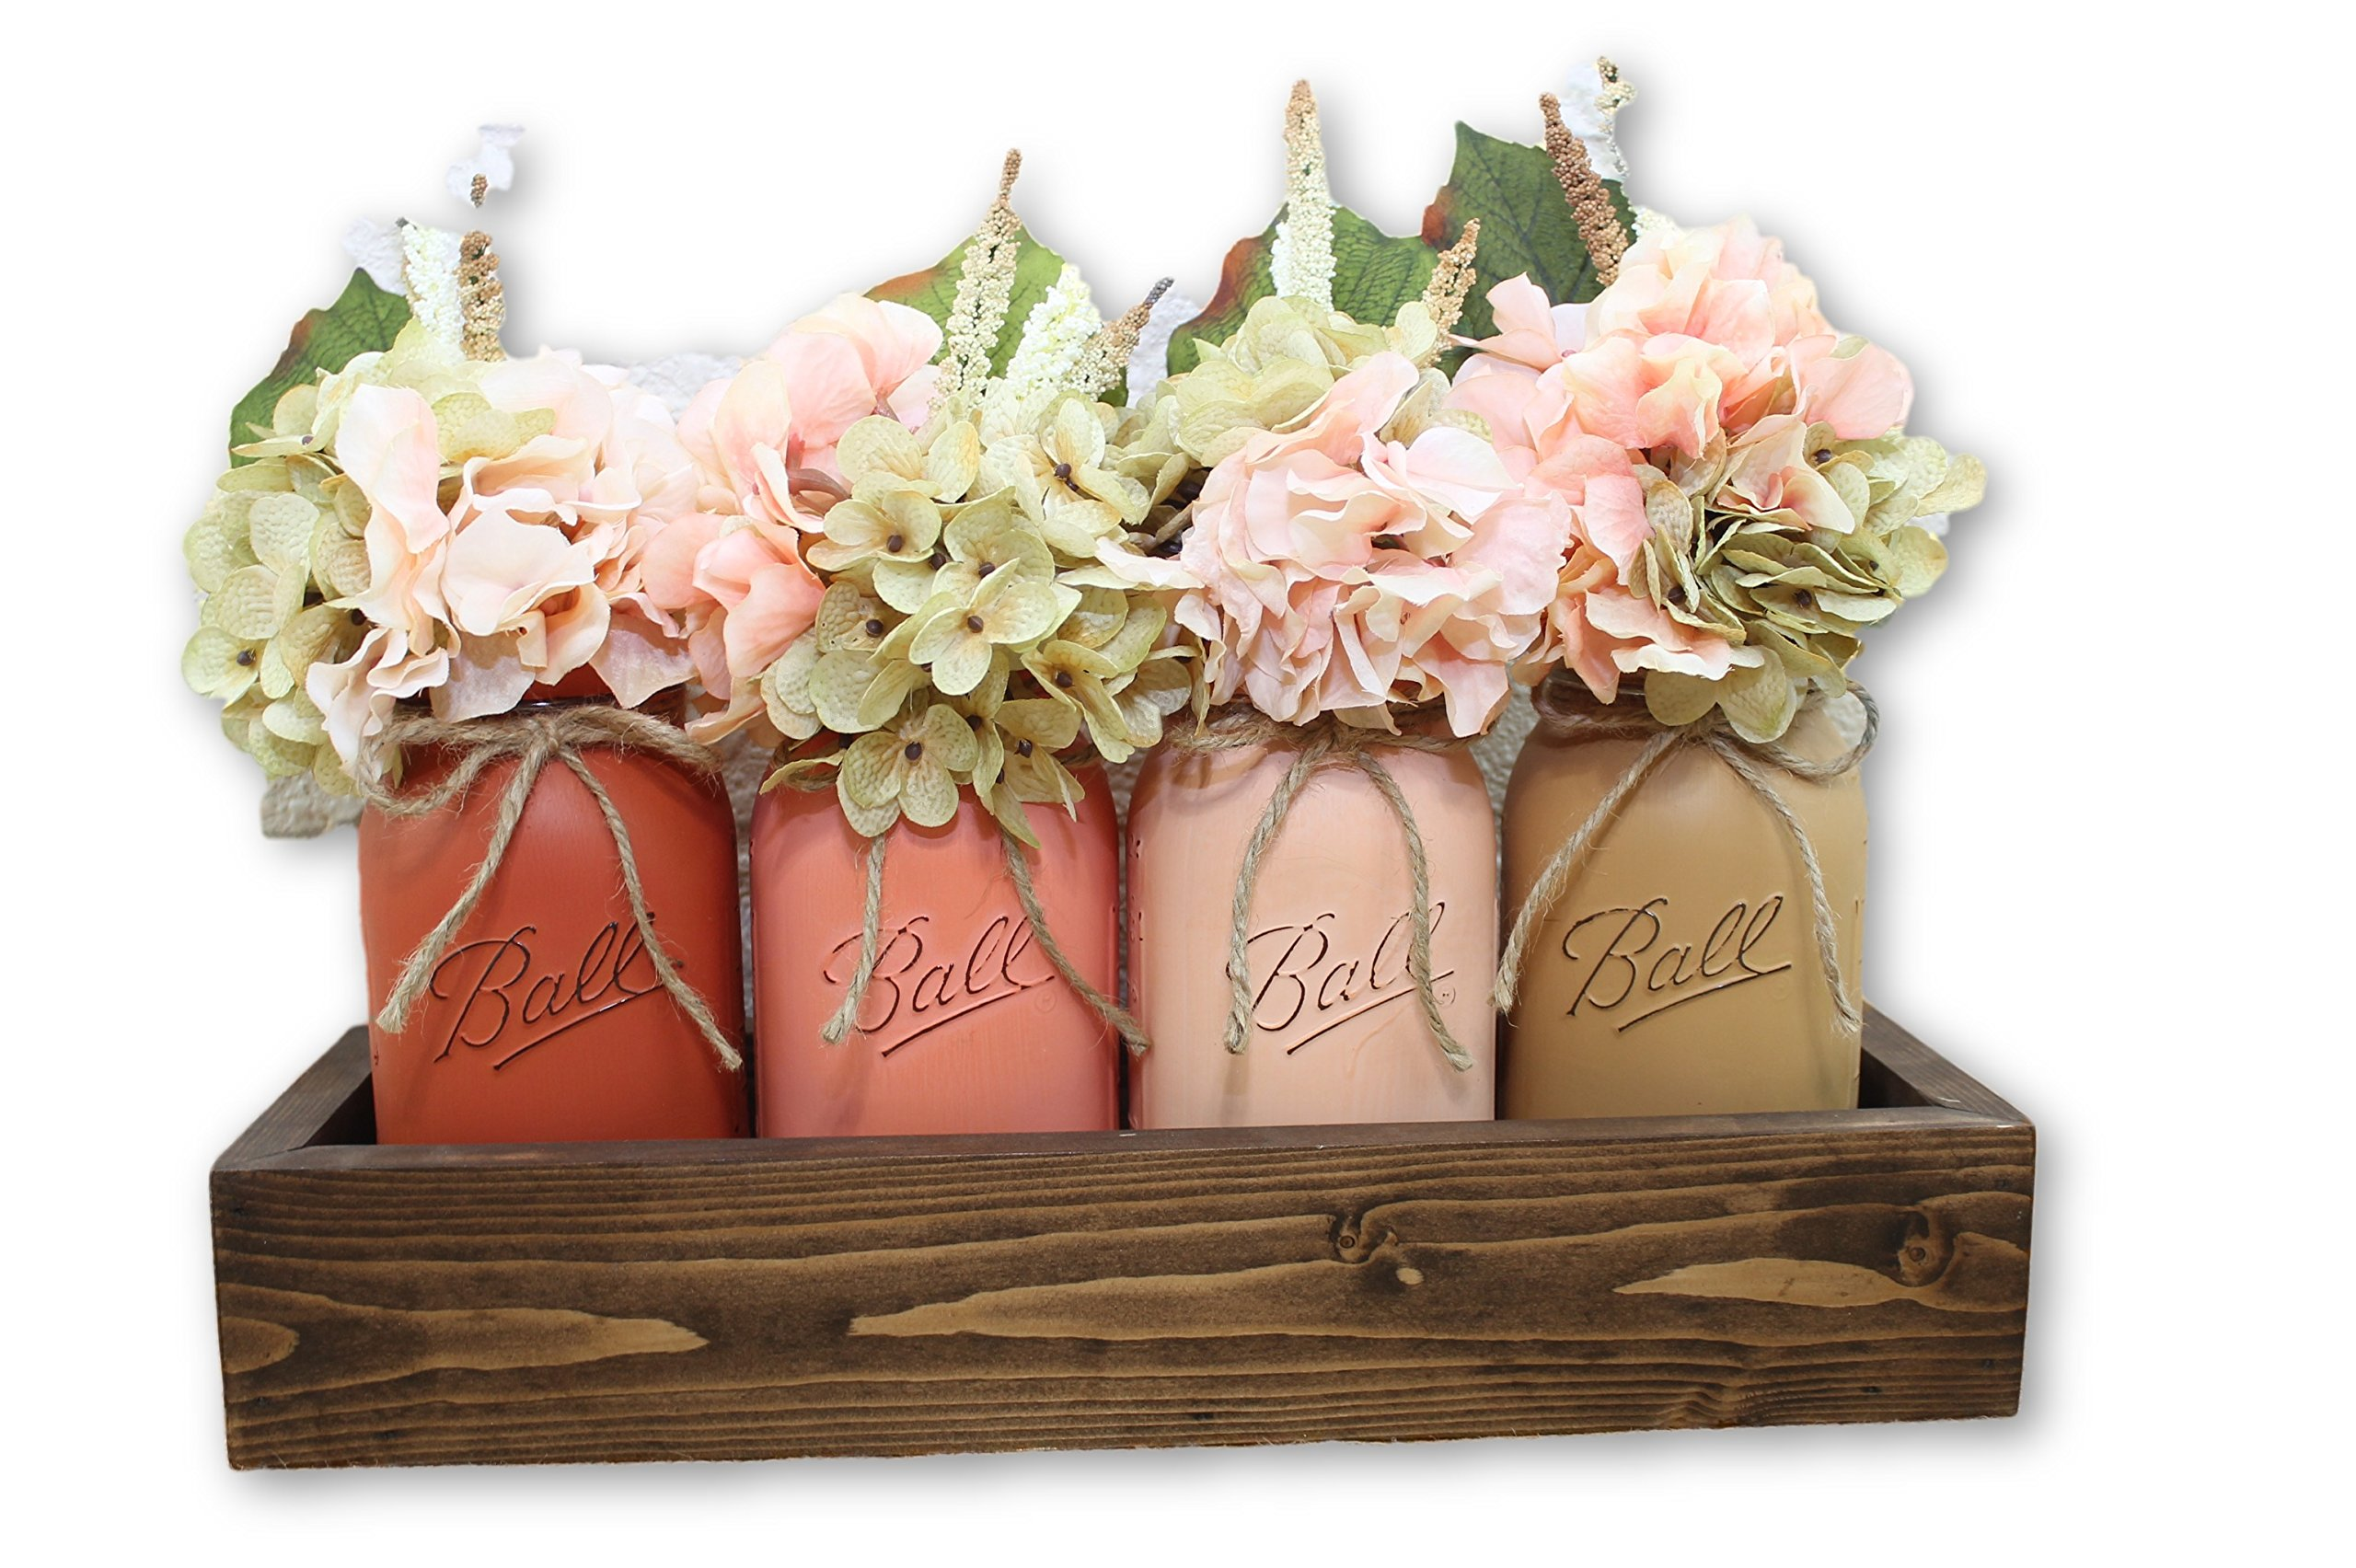 Peach Melba Quart Mason Jar Planter Box Flower Arrangement Centerpiece